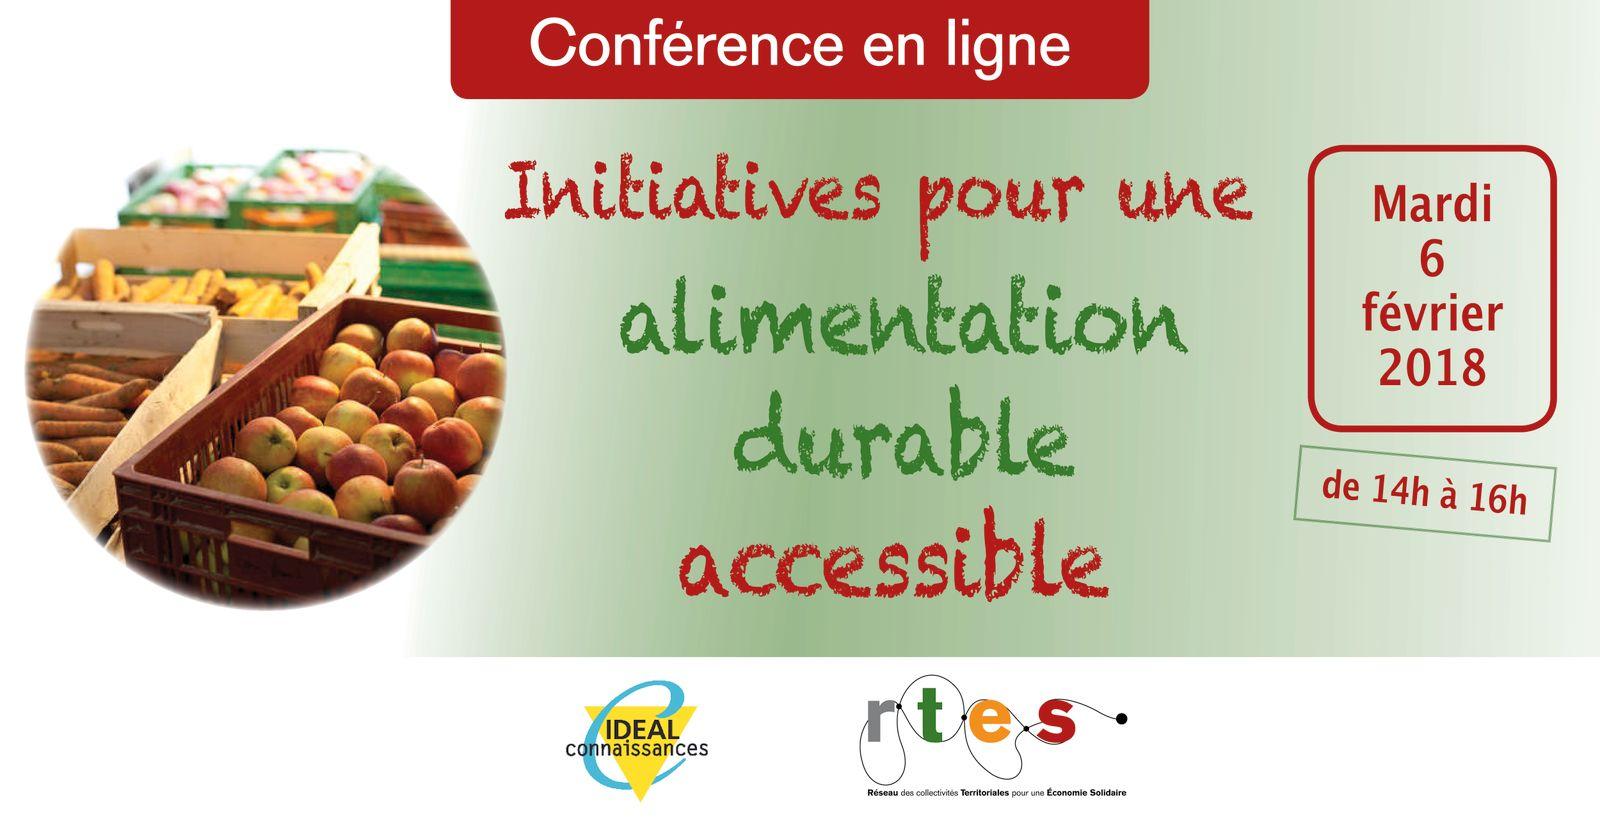 Initiatives pour une alimentation durable accessible